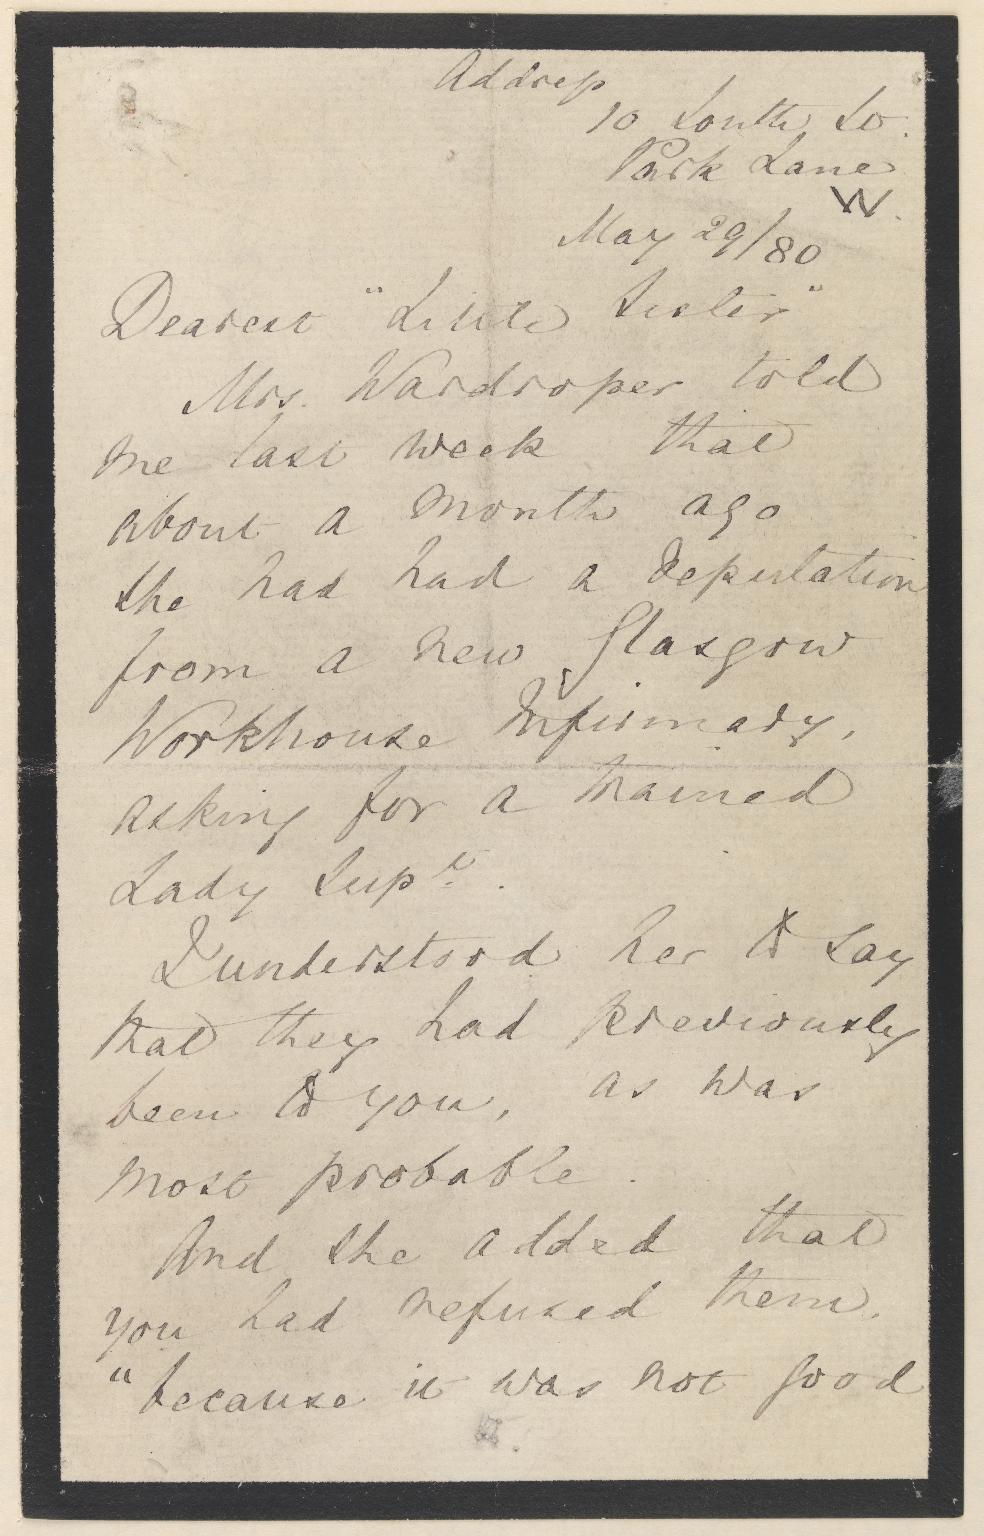 Letter no. 13, 01